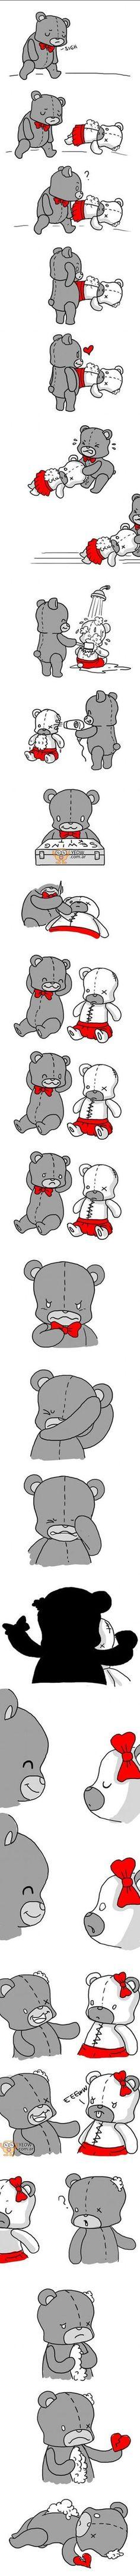 Amoroso pero Doloroso mini cuento de Amor de dos osos de peluches que se conocen. Uno trata de ayudar al otro que estaba lastimado y le entrega todo, pero el otro oso de peluche lo lastima, haciéndolo sufrir la misma historia por la cual pasó a quien rescató.  http://yeow.com.ar/?p=1644